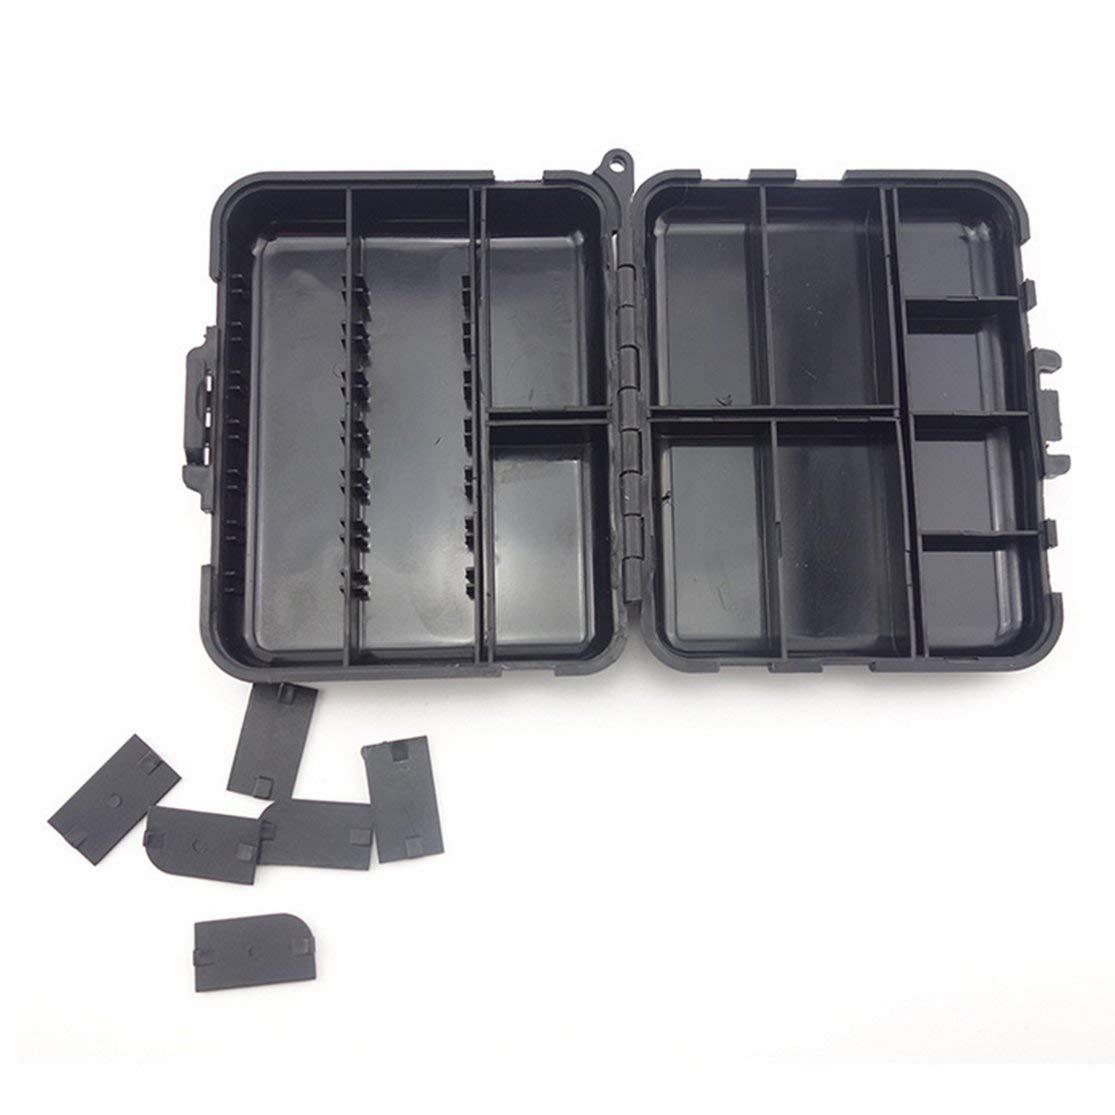 Kaemma Caja de Aparejos de Pesca Multifuncional Accesorios de Pesca Ganchos Giratorios Plomo Fregadero de Pesca con Anillo Carpa Cajas de Aparejos de Pesca Color:Black